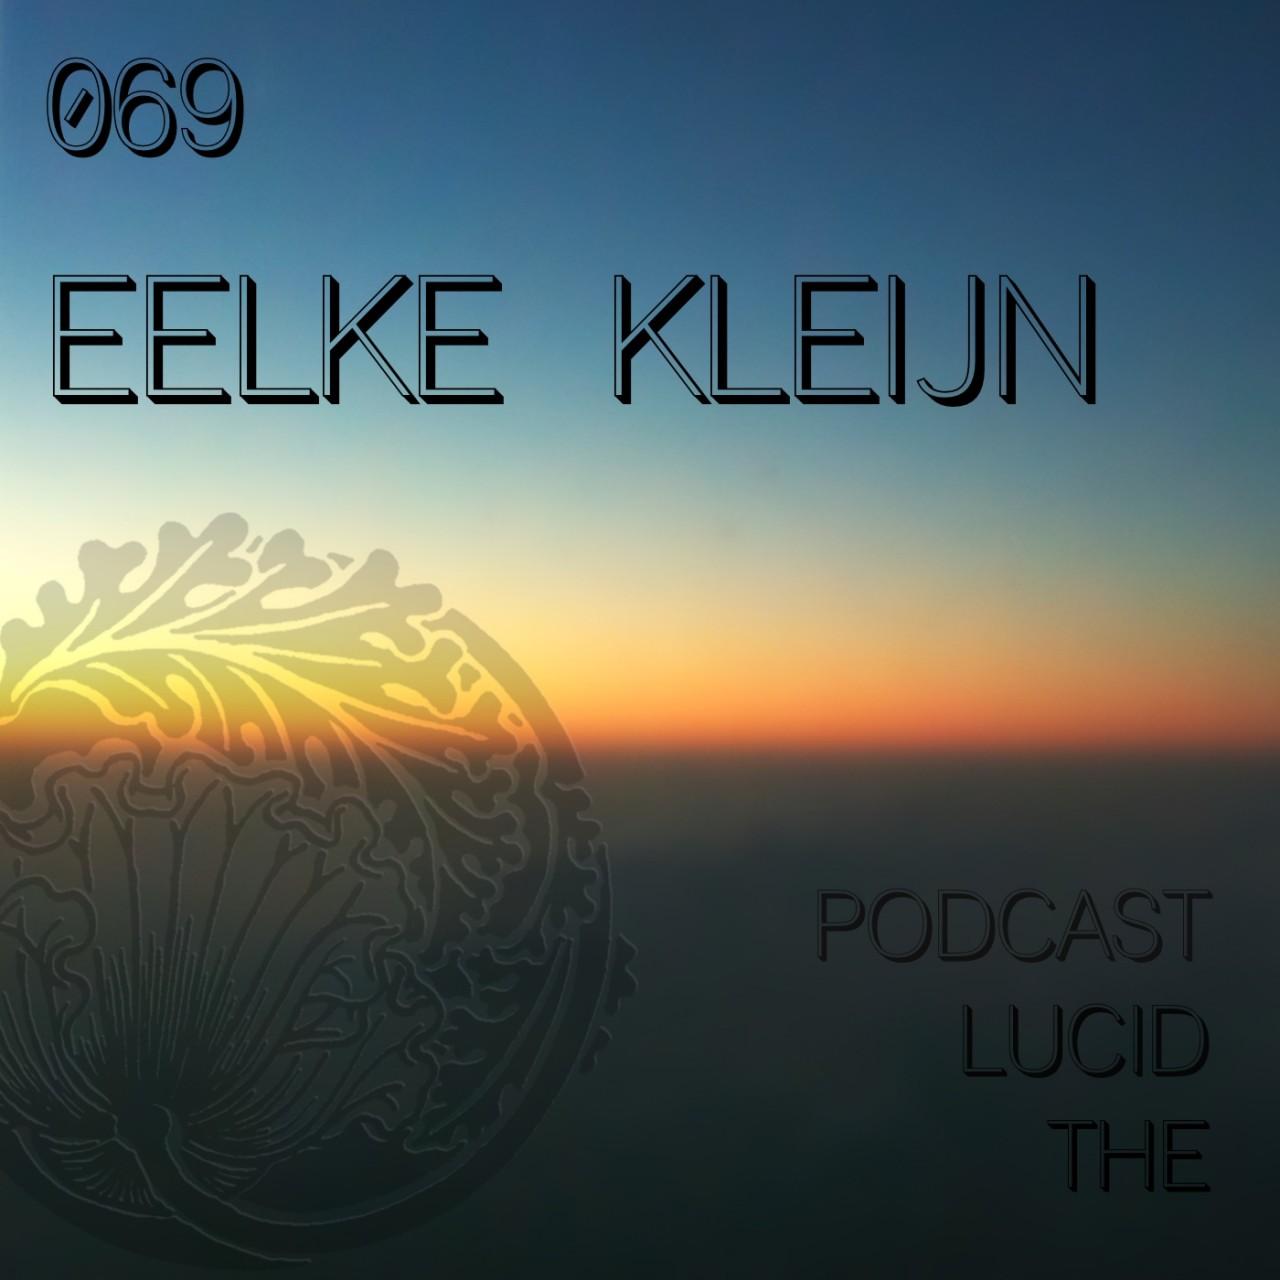 The Lucid Podcast 069 Eelke Kleijn